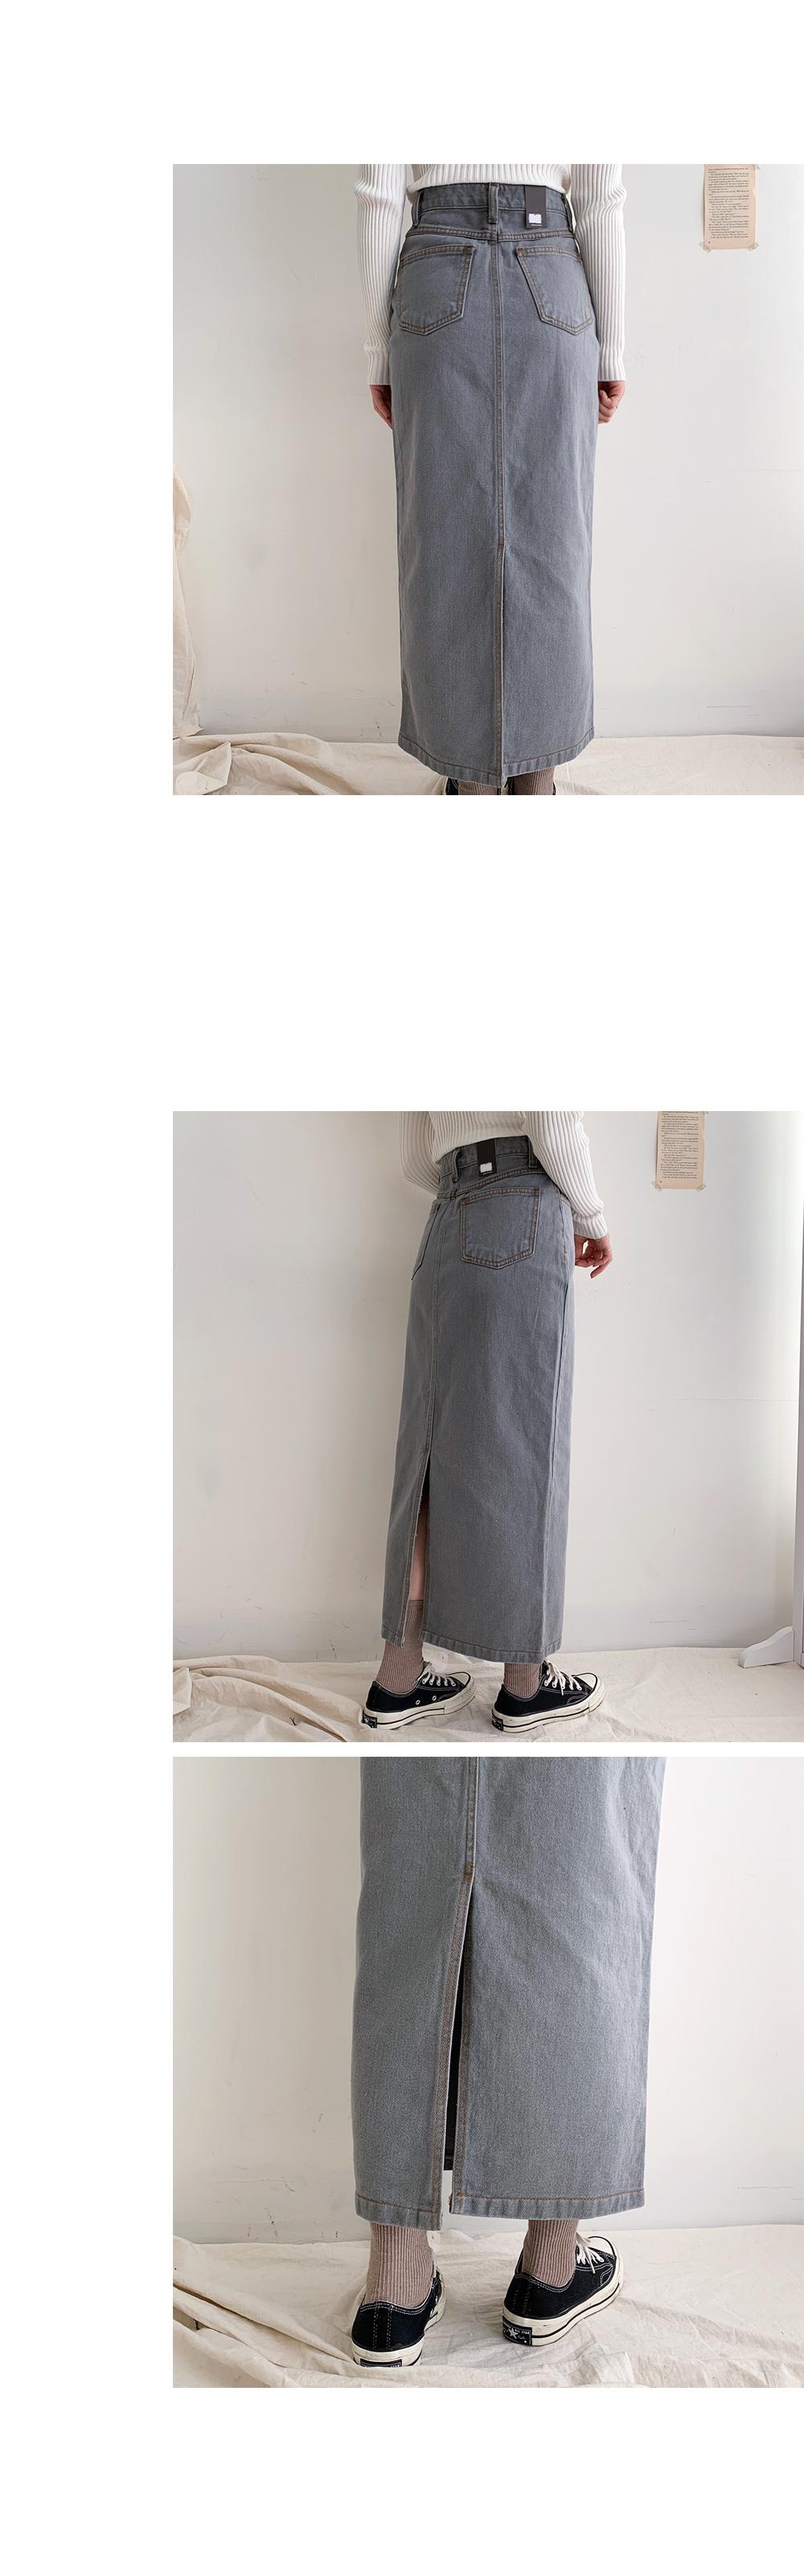 Codin Date Denim Long Skirt